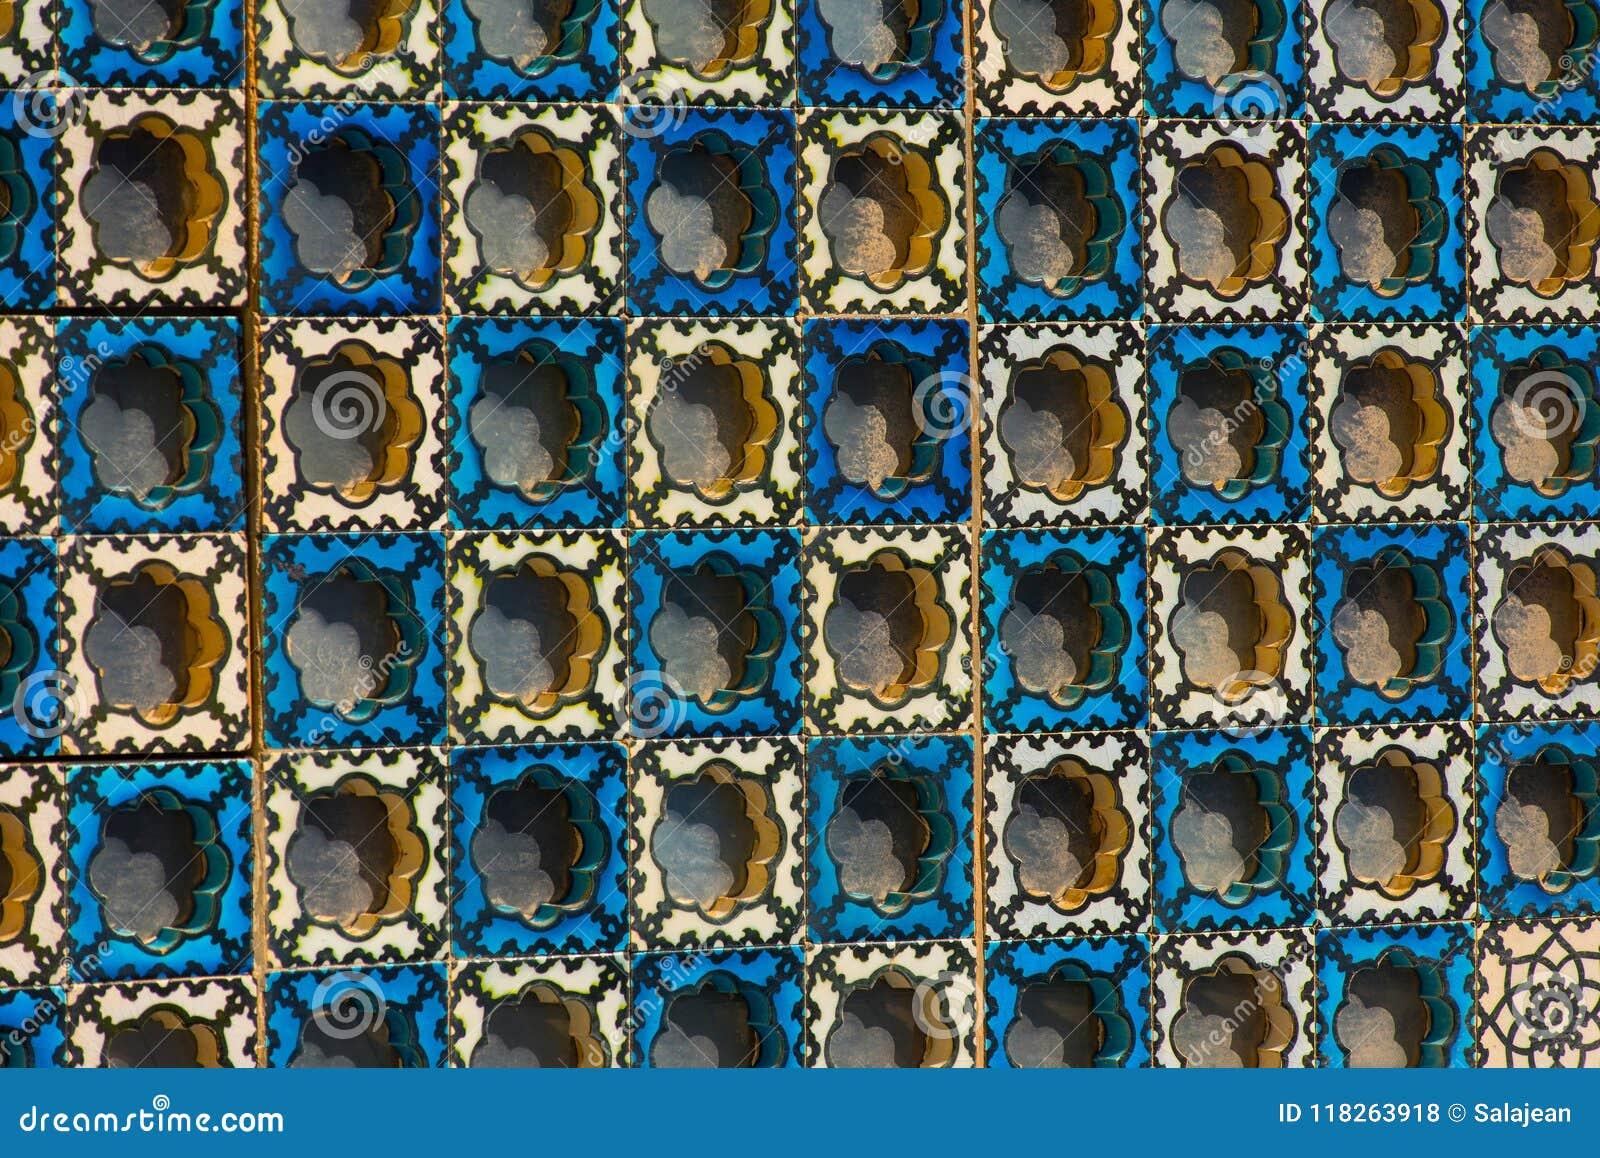 islamisches muster arabische blaue fliesen auf einer